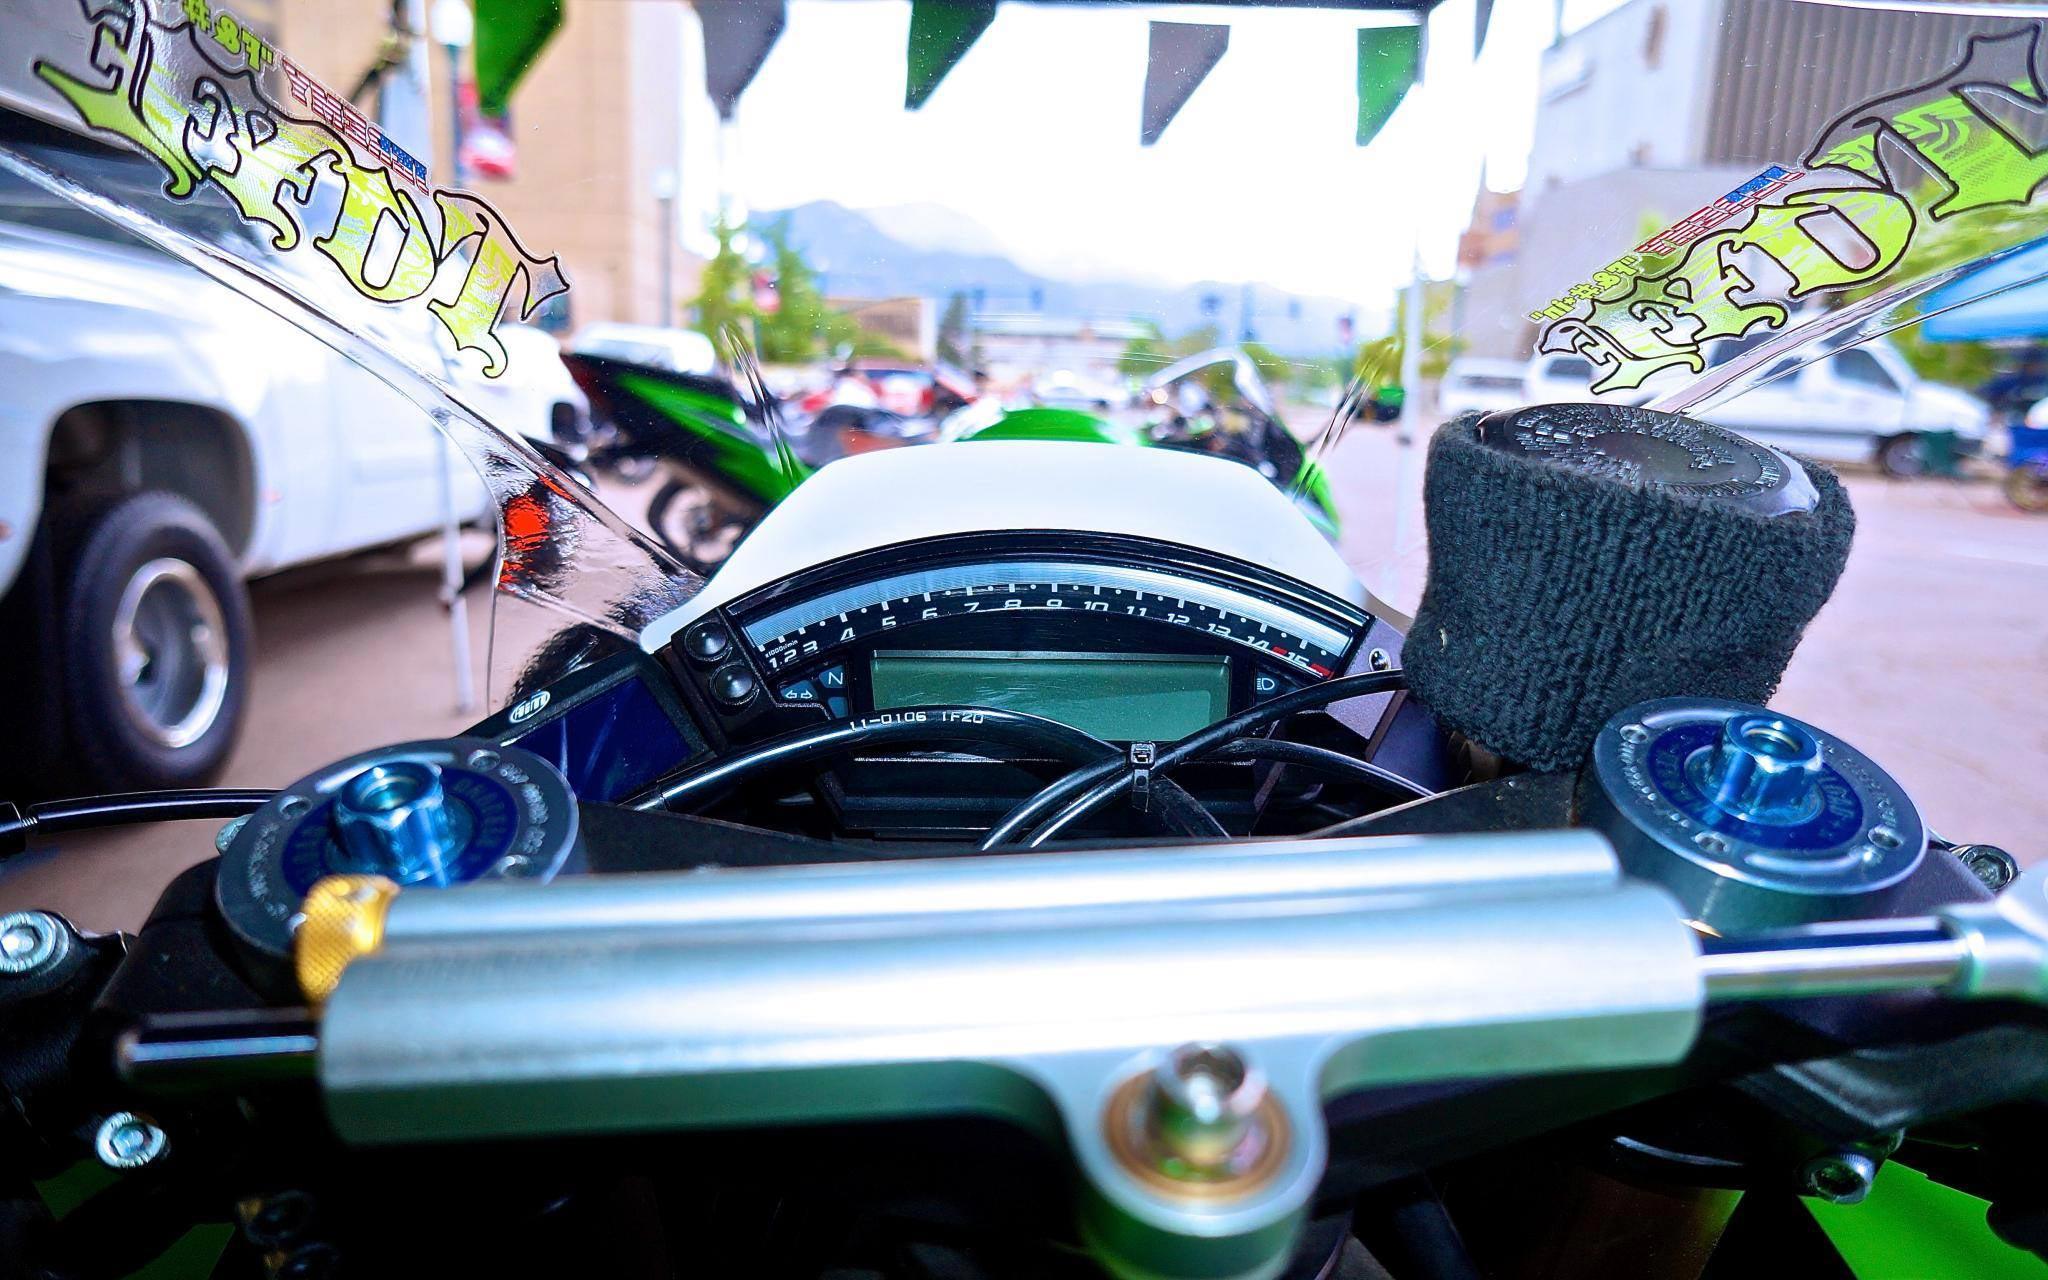 Jeremy Toye's Kawasaki ZX-10R